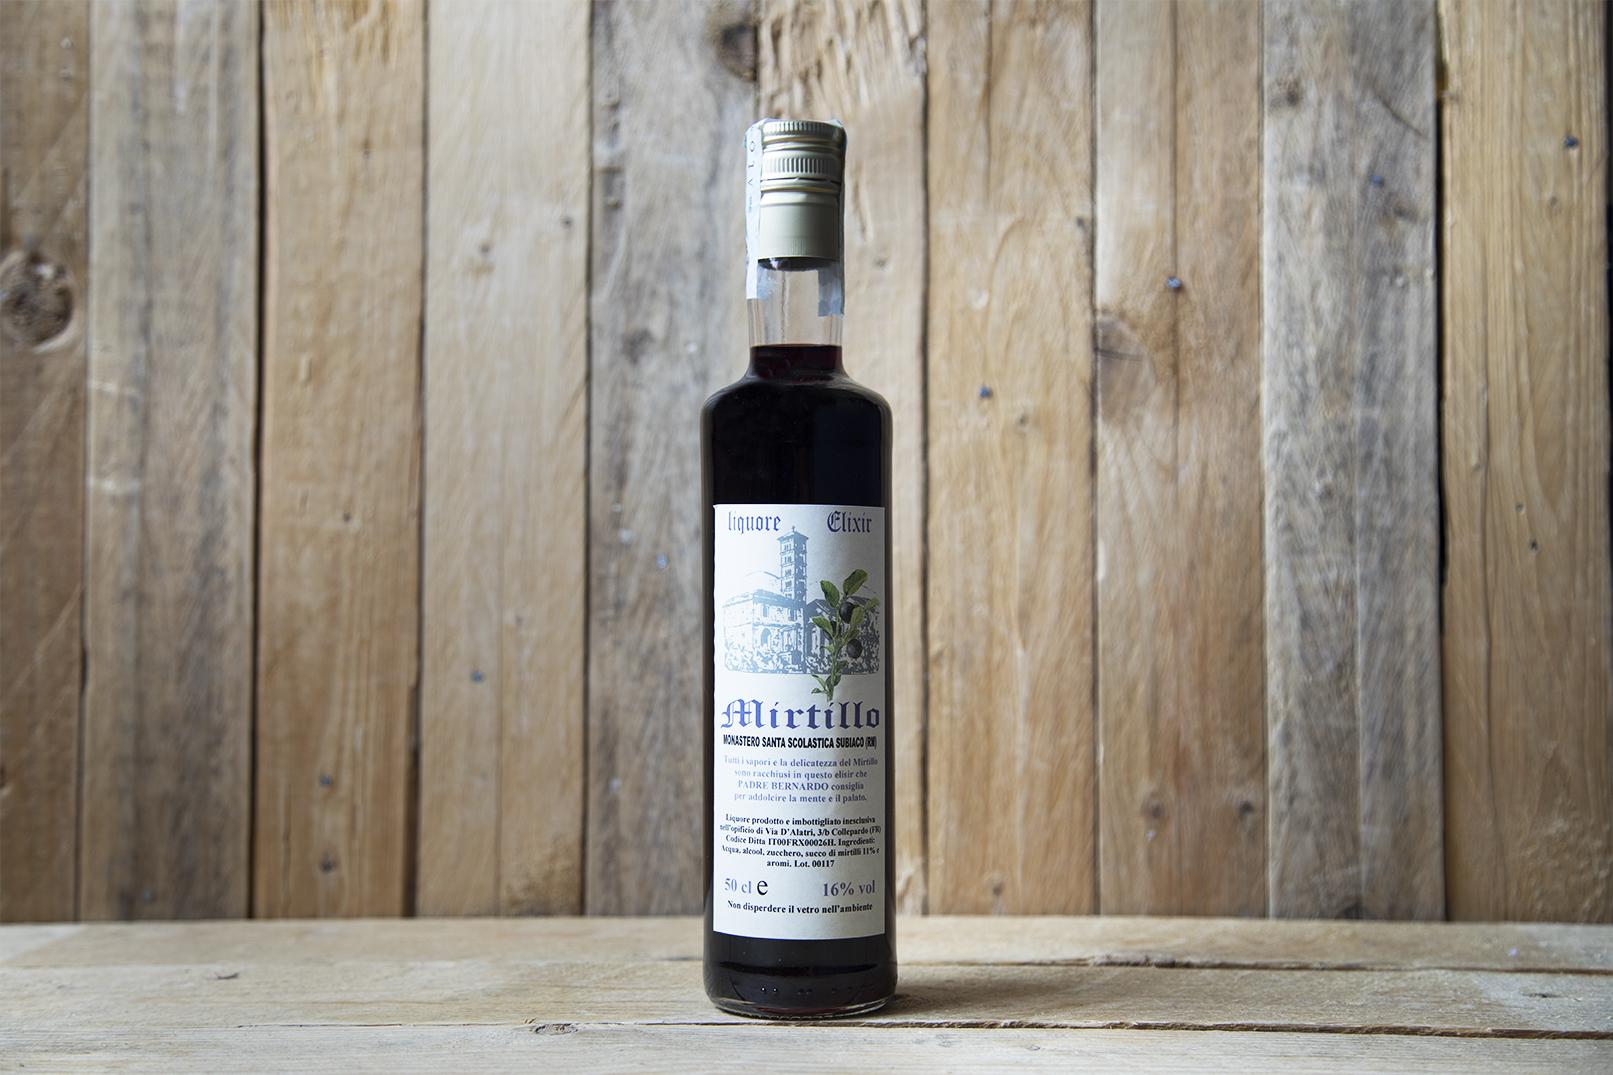 Mirtillo elixir